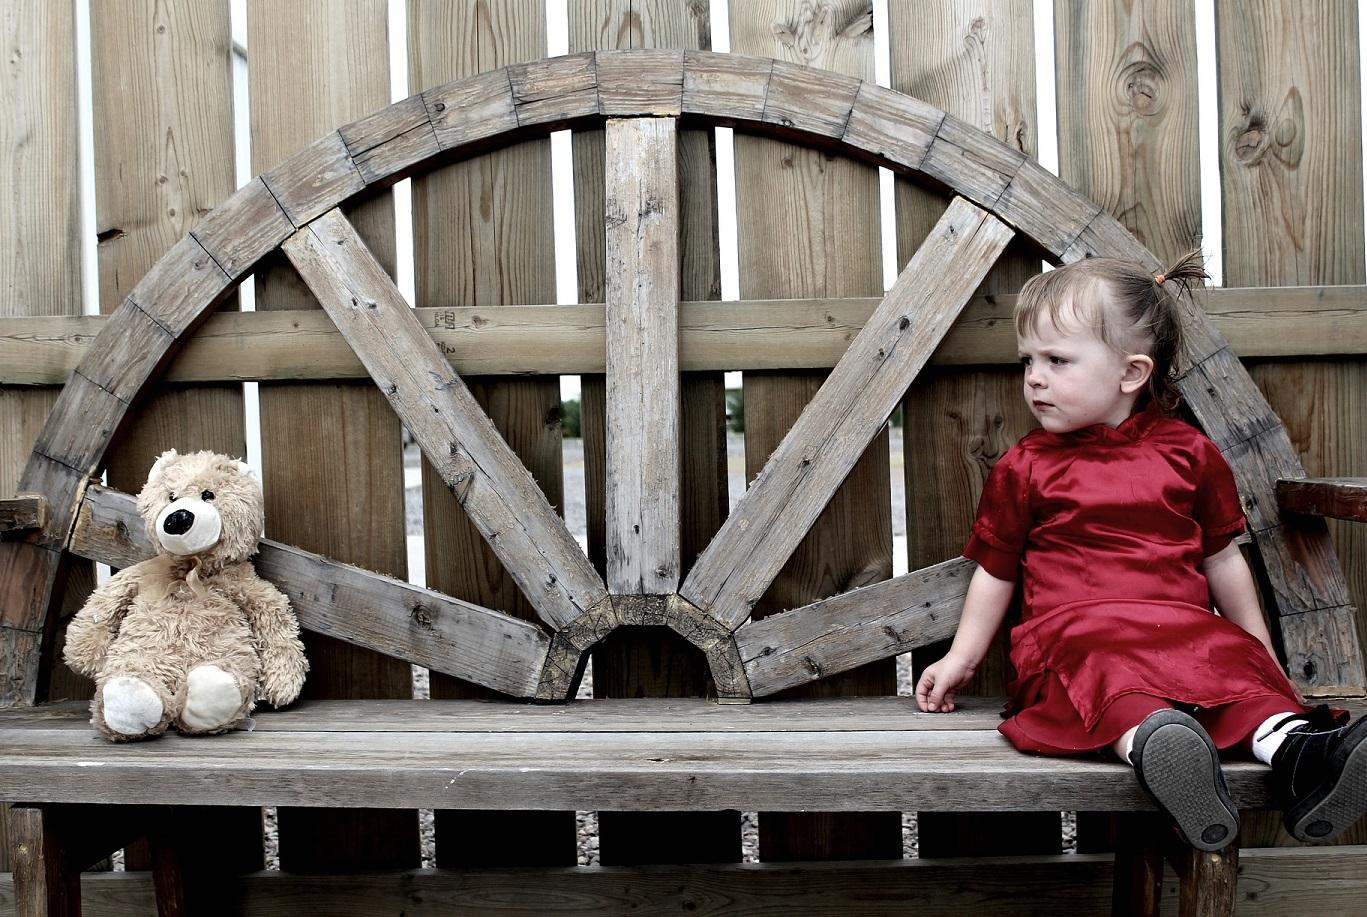 PInei saparopäinen tyttö istuu puisen penkin päässä ja nalle toisessa päässä.